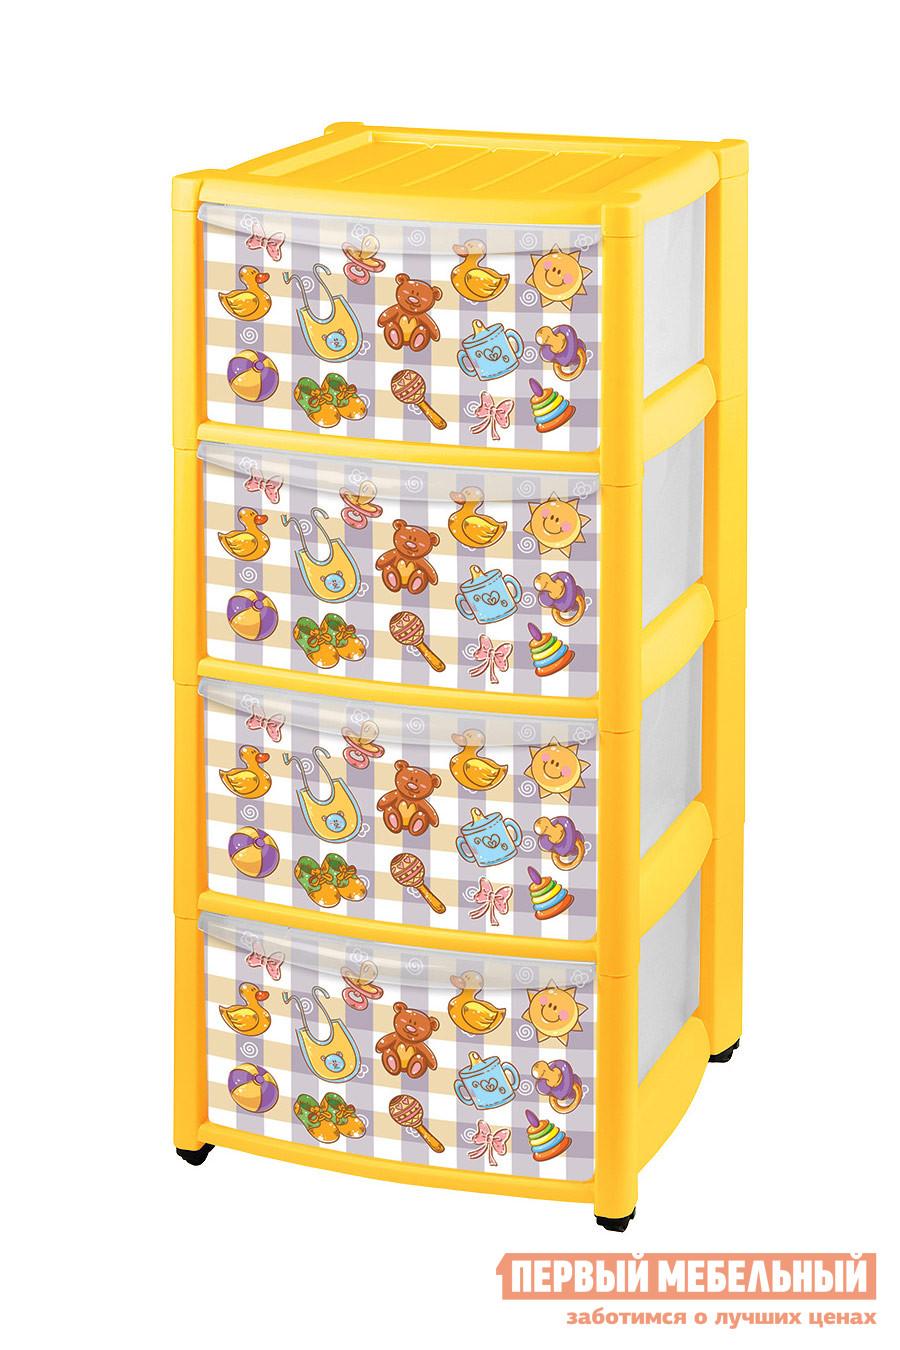 Комод детский Пластишка 4313871 ЖелтыйДетские комоды<br>Габаритные размеры ВхШхГ 785x390x370 мм. Яркий пластиковый комод с четырьмя контейнерами — полезный помощник в детской комнате.  Фасады ящиков декорированы красочными картинками, которые обязательно понравятся малышам и могут стать интересной частью игры.  Комод не займет много места, а все игрушки и вещи всегда будут в порядке и под рукой.  Кроме того, комод оборудован колесиками для легкого перемещения по комнате. Изделие производится из полипропилена.<br><br>Цвет: Желтый<br>Цвет: Желтый<br>Высота мм: 785<br>Ширина мм: 390<br>Глубина мм: 370<br>Кол-во упаковок: 1<br>Форма поставки: В разобранном виде<br>Срок гарантии: 1 год<br>Назначение: Для игрушек<br>Материал: Пластиковые<br>Размер: Узкие<br>Особенности: С ящиками, На колесиках, с 4-мя ящиками, С рисунком